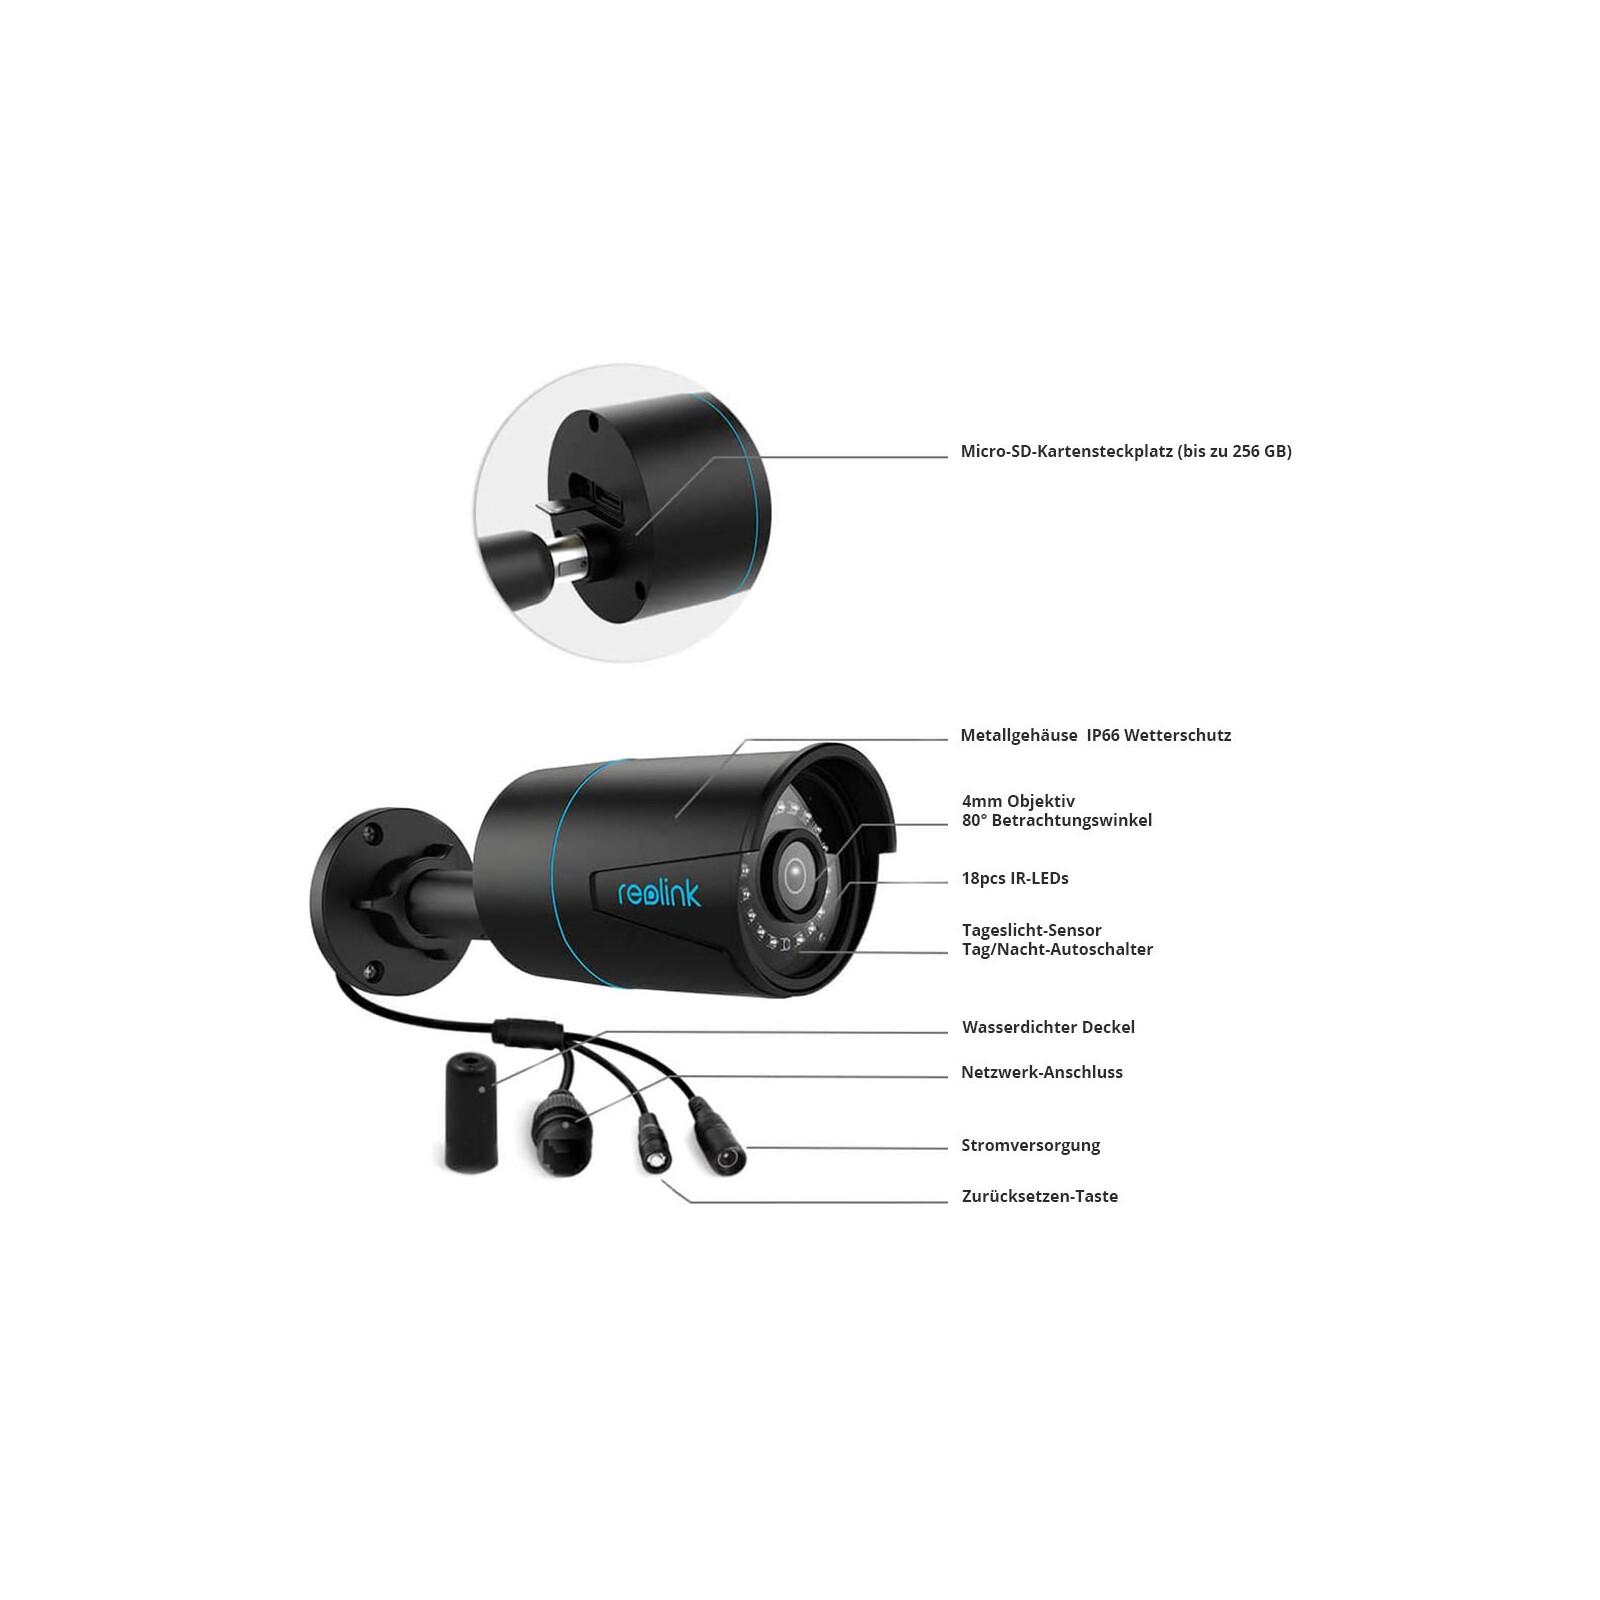 Reolink Überwachungskamera RLC-510A schwarz